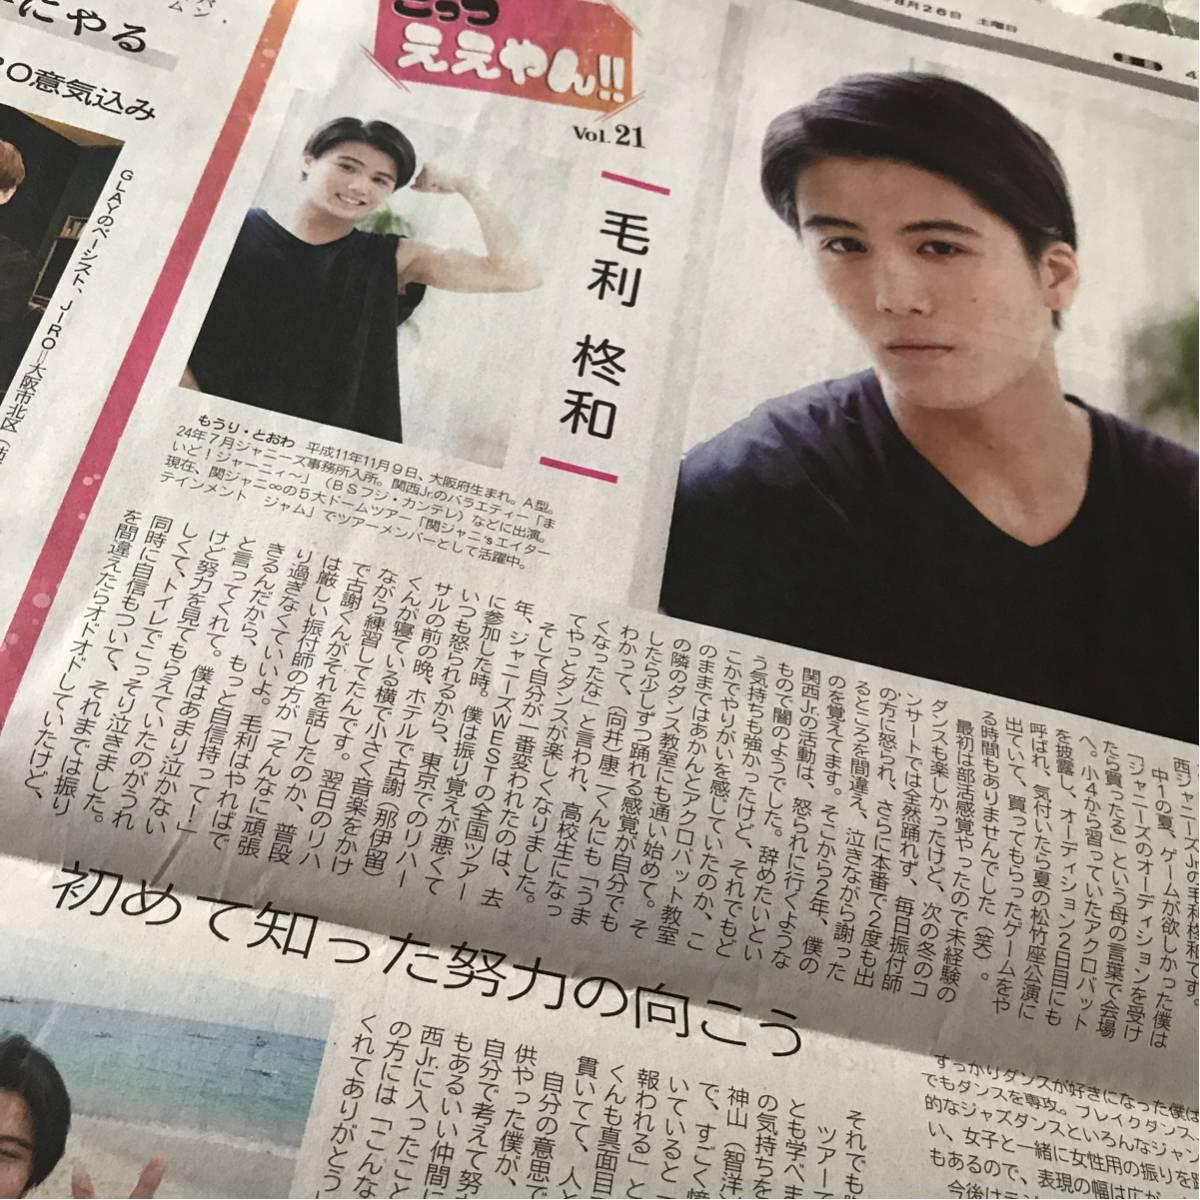 8.26 産経新聞 夕刊関西ジャニーズJr.ごっつええやん!! 毛利柊和